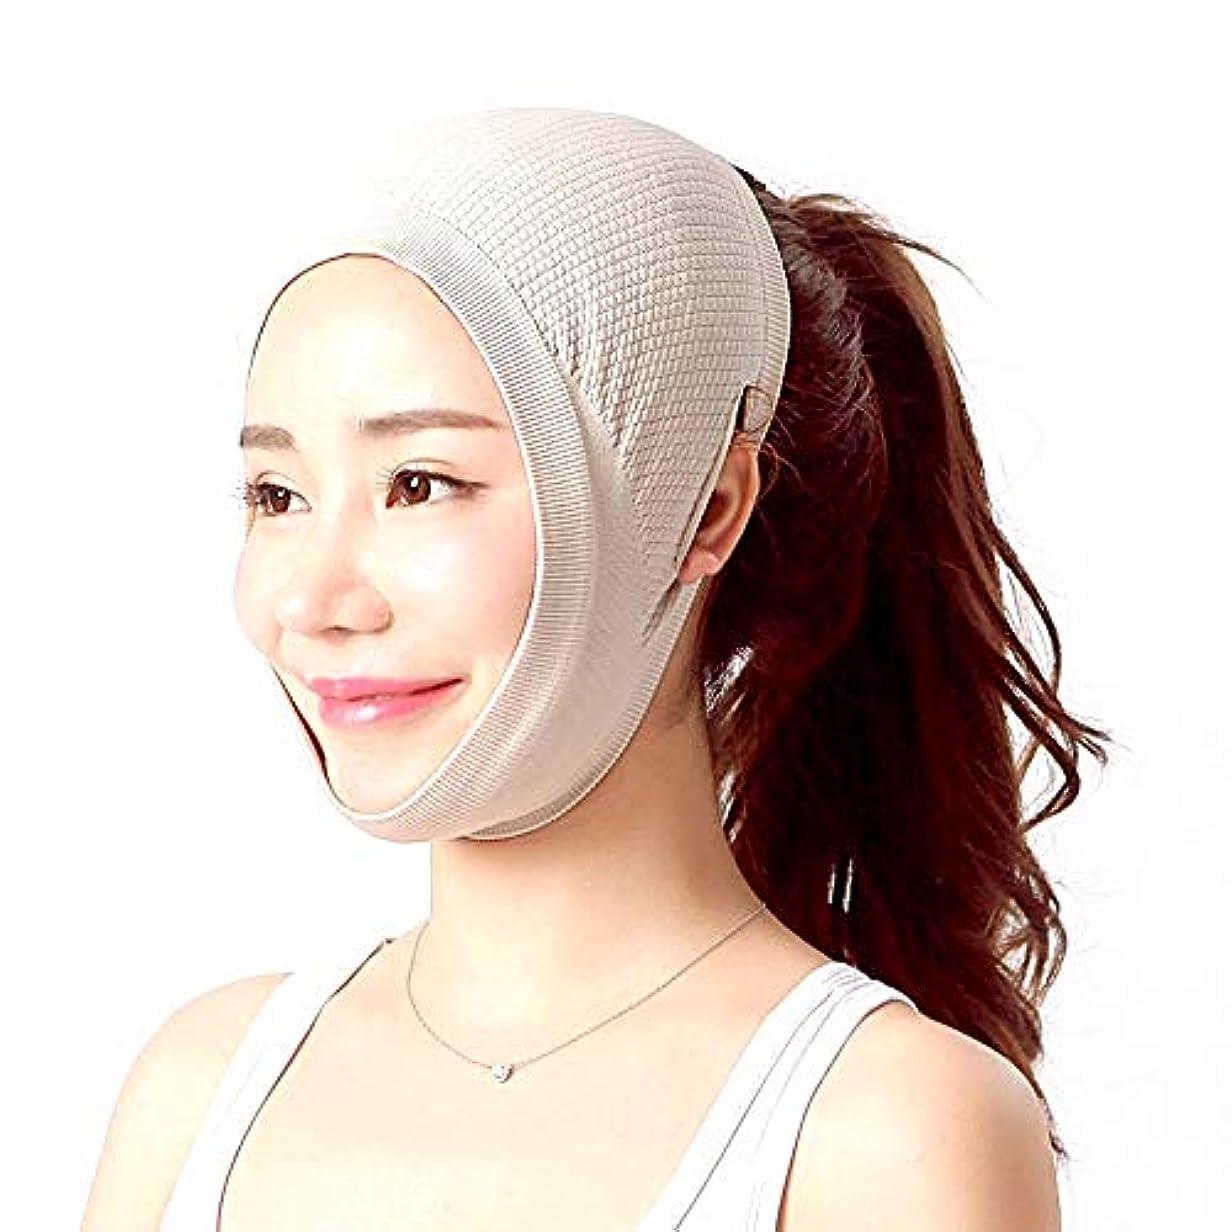 直径検出する伝統的フェイスリフティングアーティファクト包帯ライン術後回復包帯リフティングフェイスフードVフェイス包帯リフティングVフェイス美容マスク - 肌のトーン